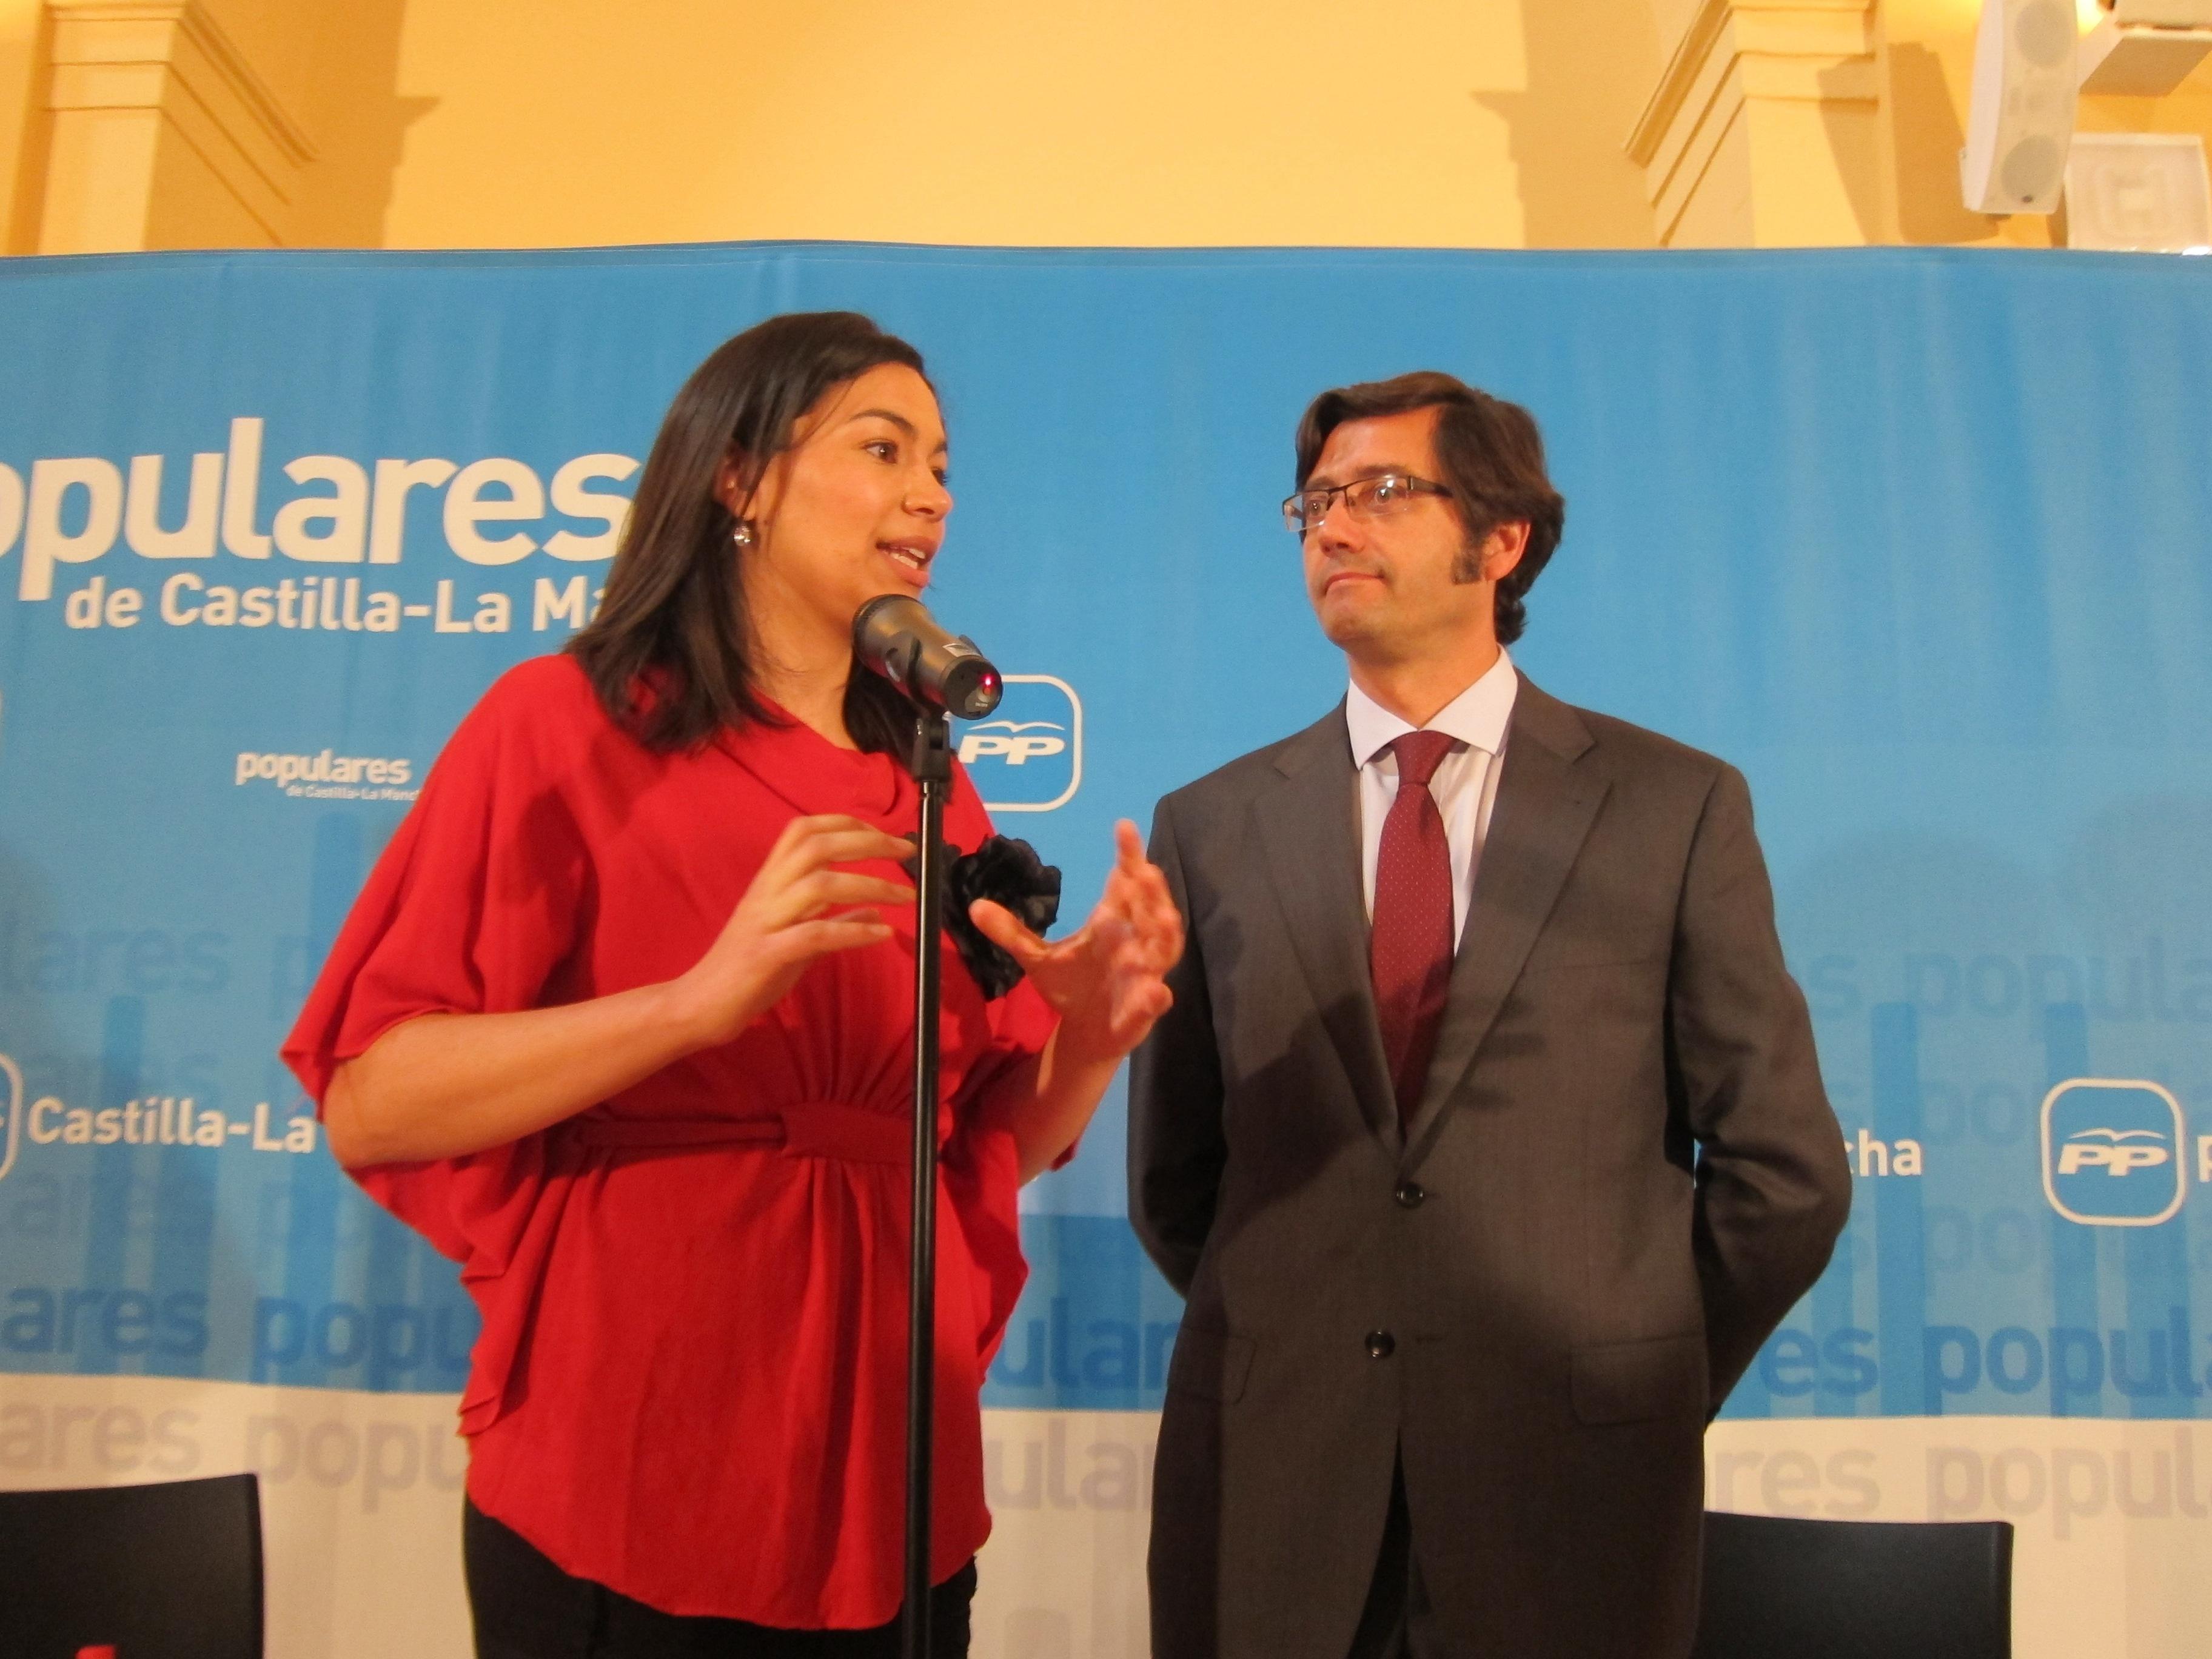 PP afirma que García-Page «está llevando a la ruina a las familias toledanas con su política indiscriminada»